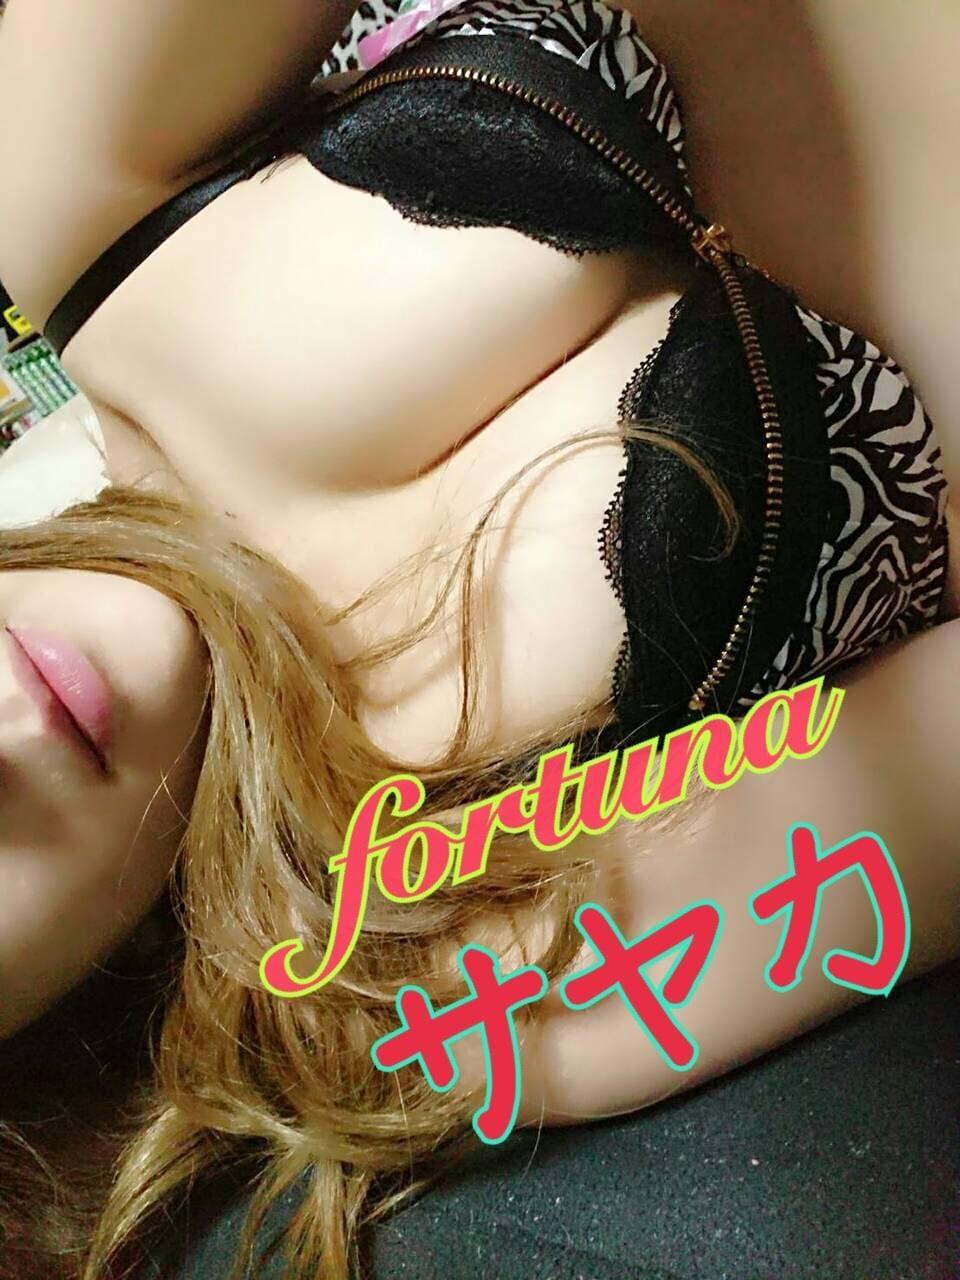 「おやすみなさぃ★」08/13(月) 04:35 | 【体験】紗香 さやかの写メ・風俗動画